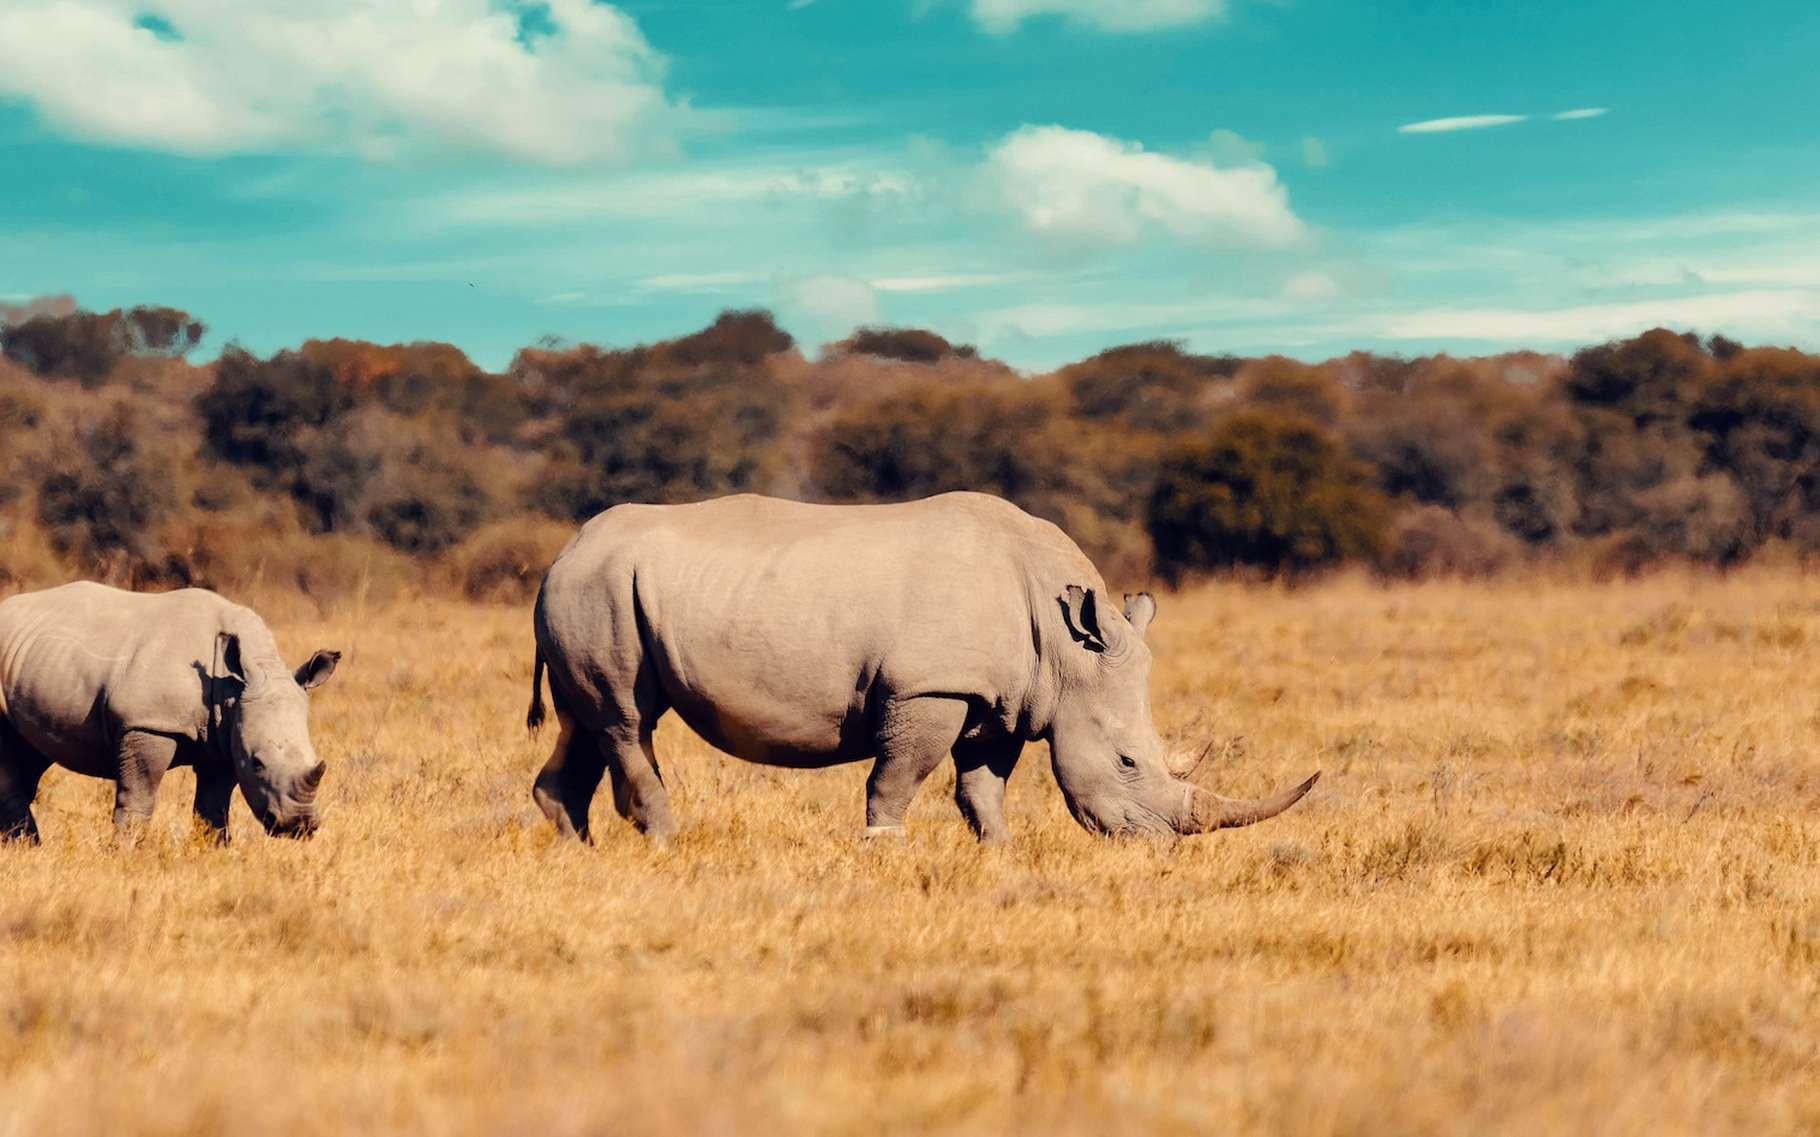 Jusqu'au milieu du XIXe siècle, on trouvait, dans les savanes africaines et les forêts tropicales asiatiques, de nombreux rhinocéros. Désormais, quatre des cinq espèces de rhinocéros risquent l'extinction. © ArtushFoto, Adobe Stock